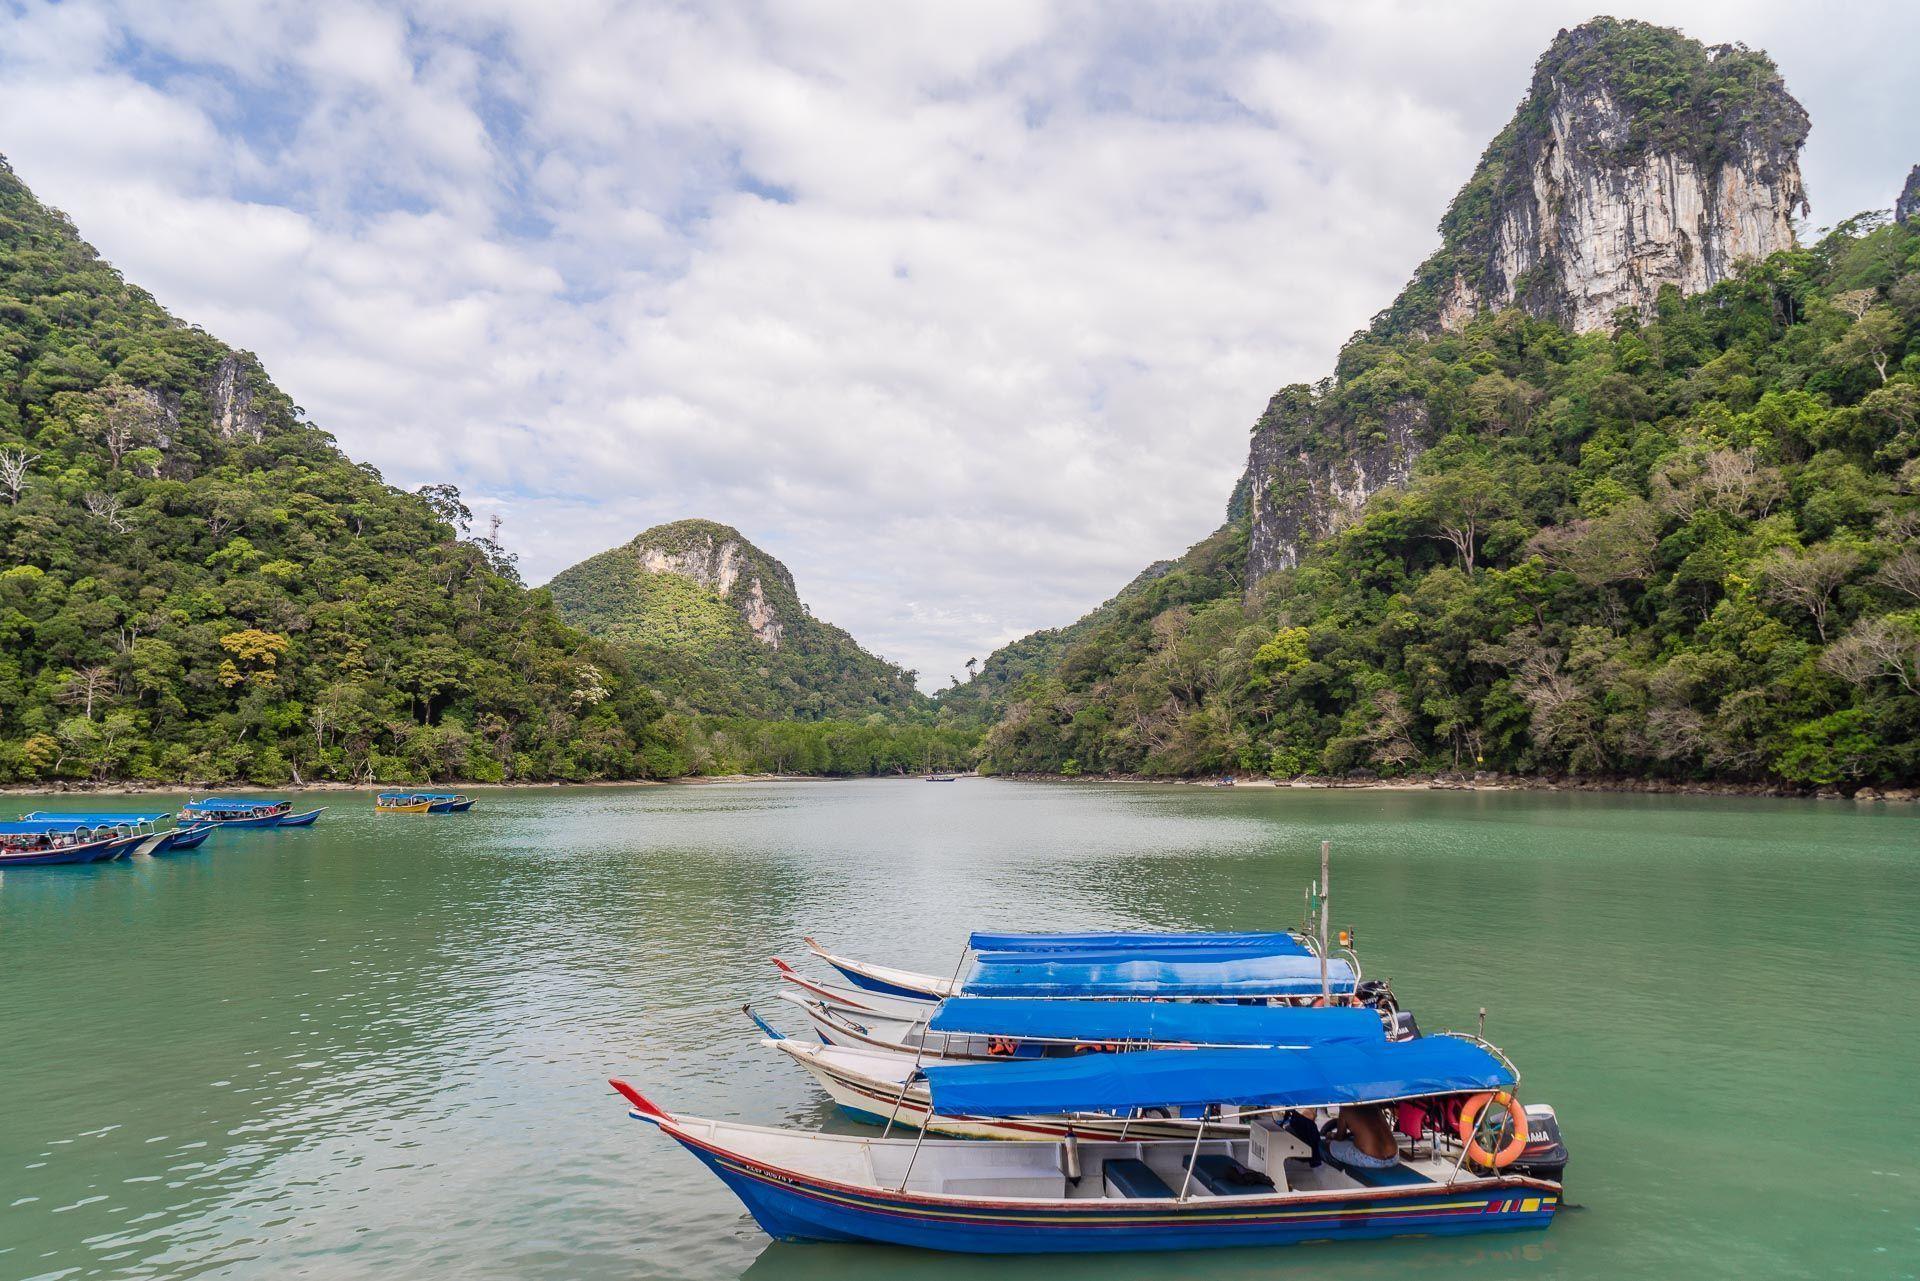 Lesvoyageuses-Malaisie-Langkawi-archipel-jet-ski-6